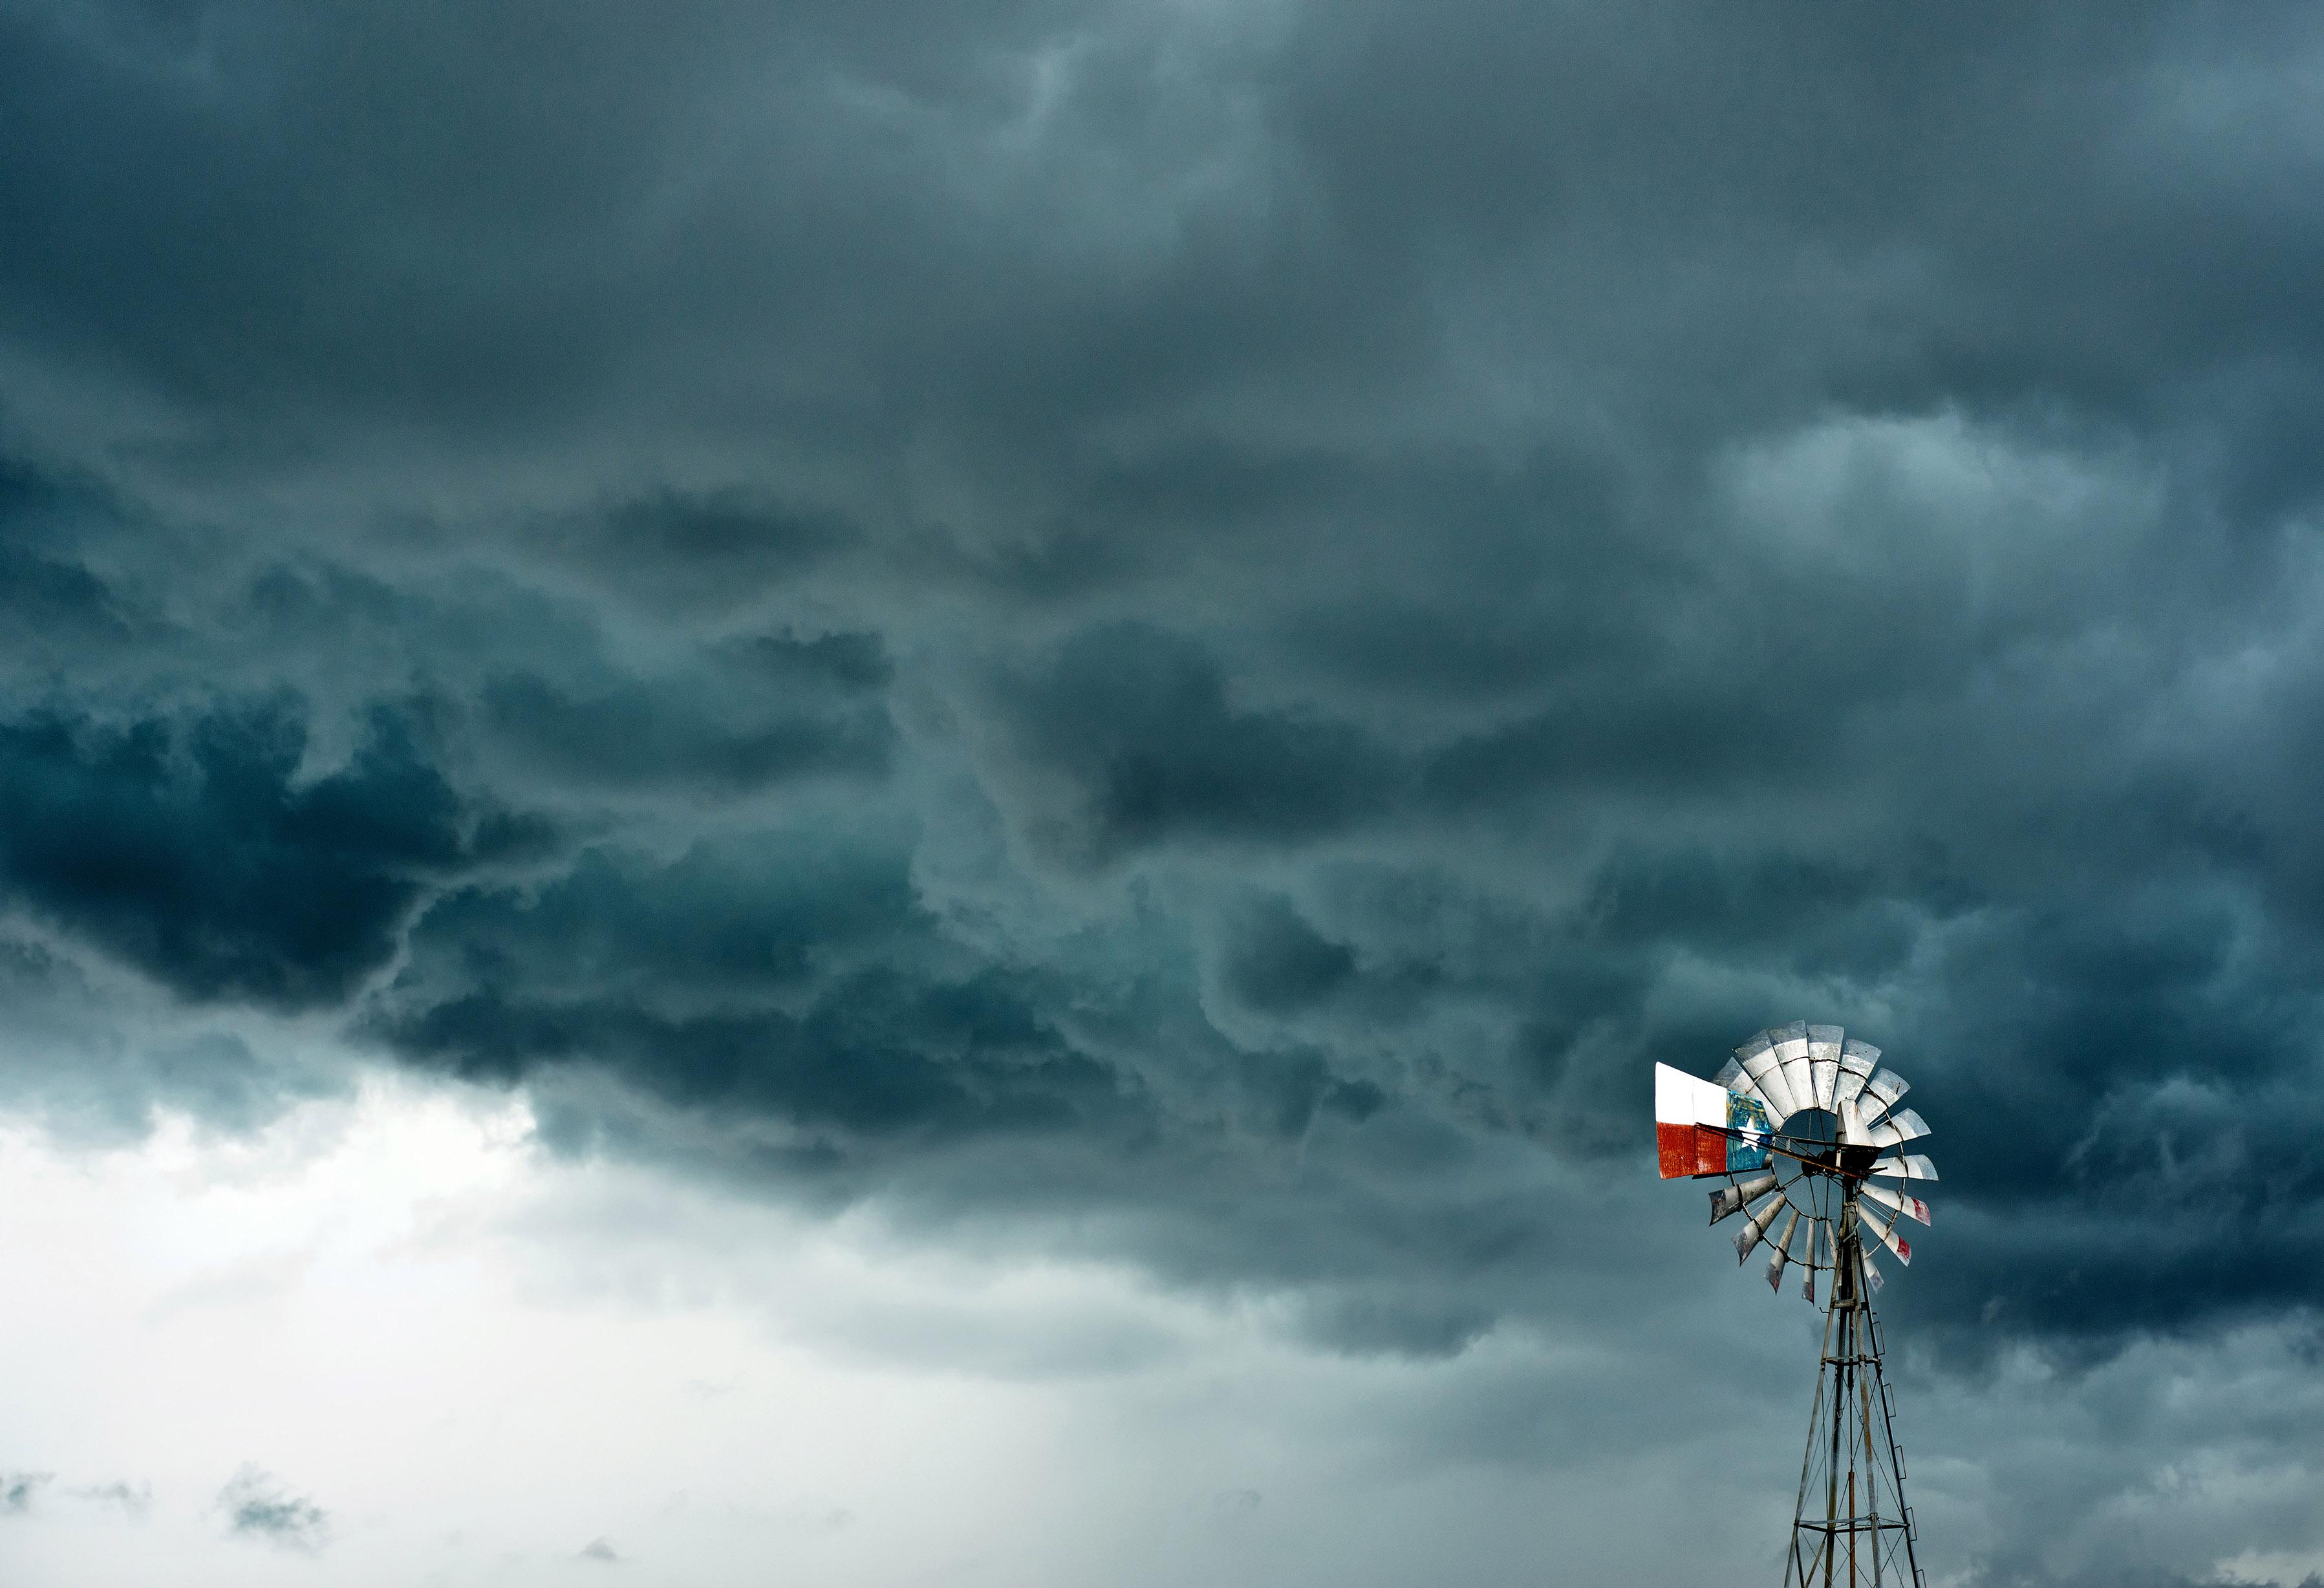 flower mound texas weather radar